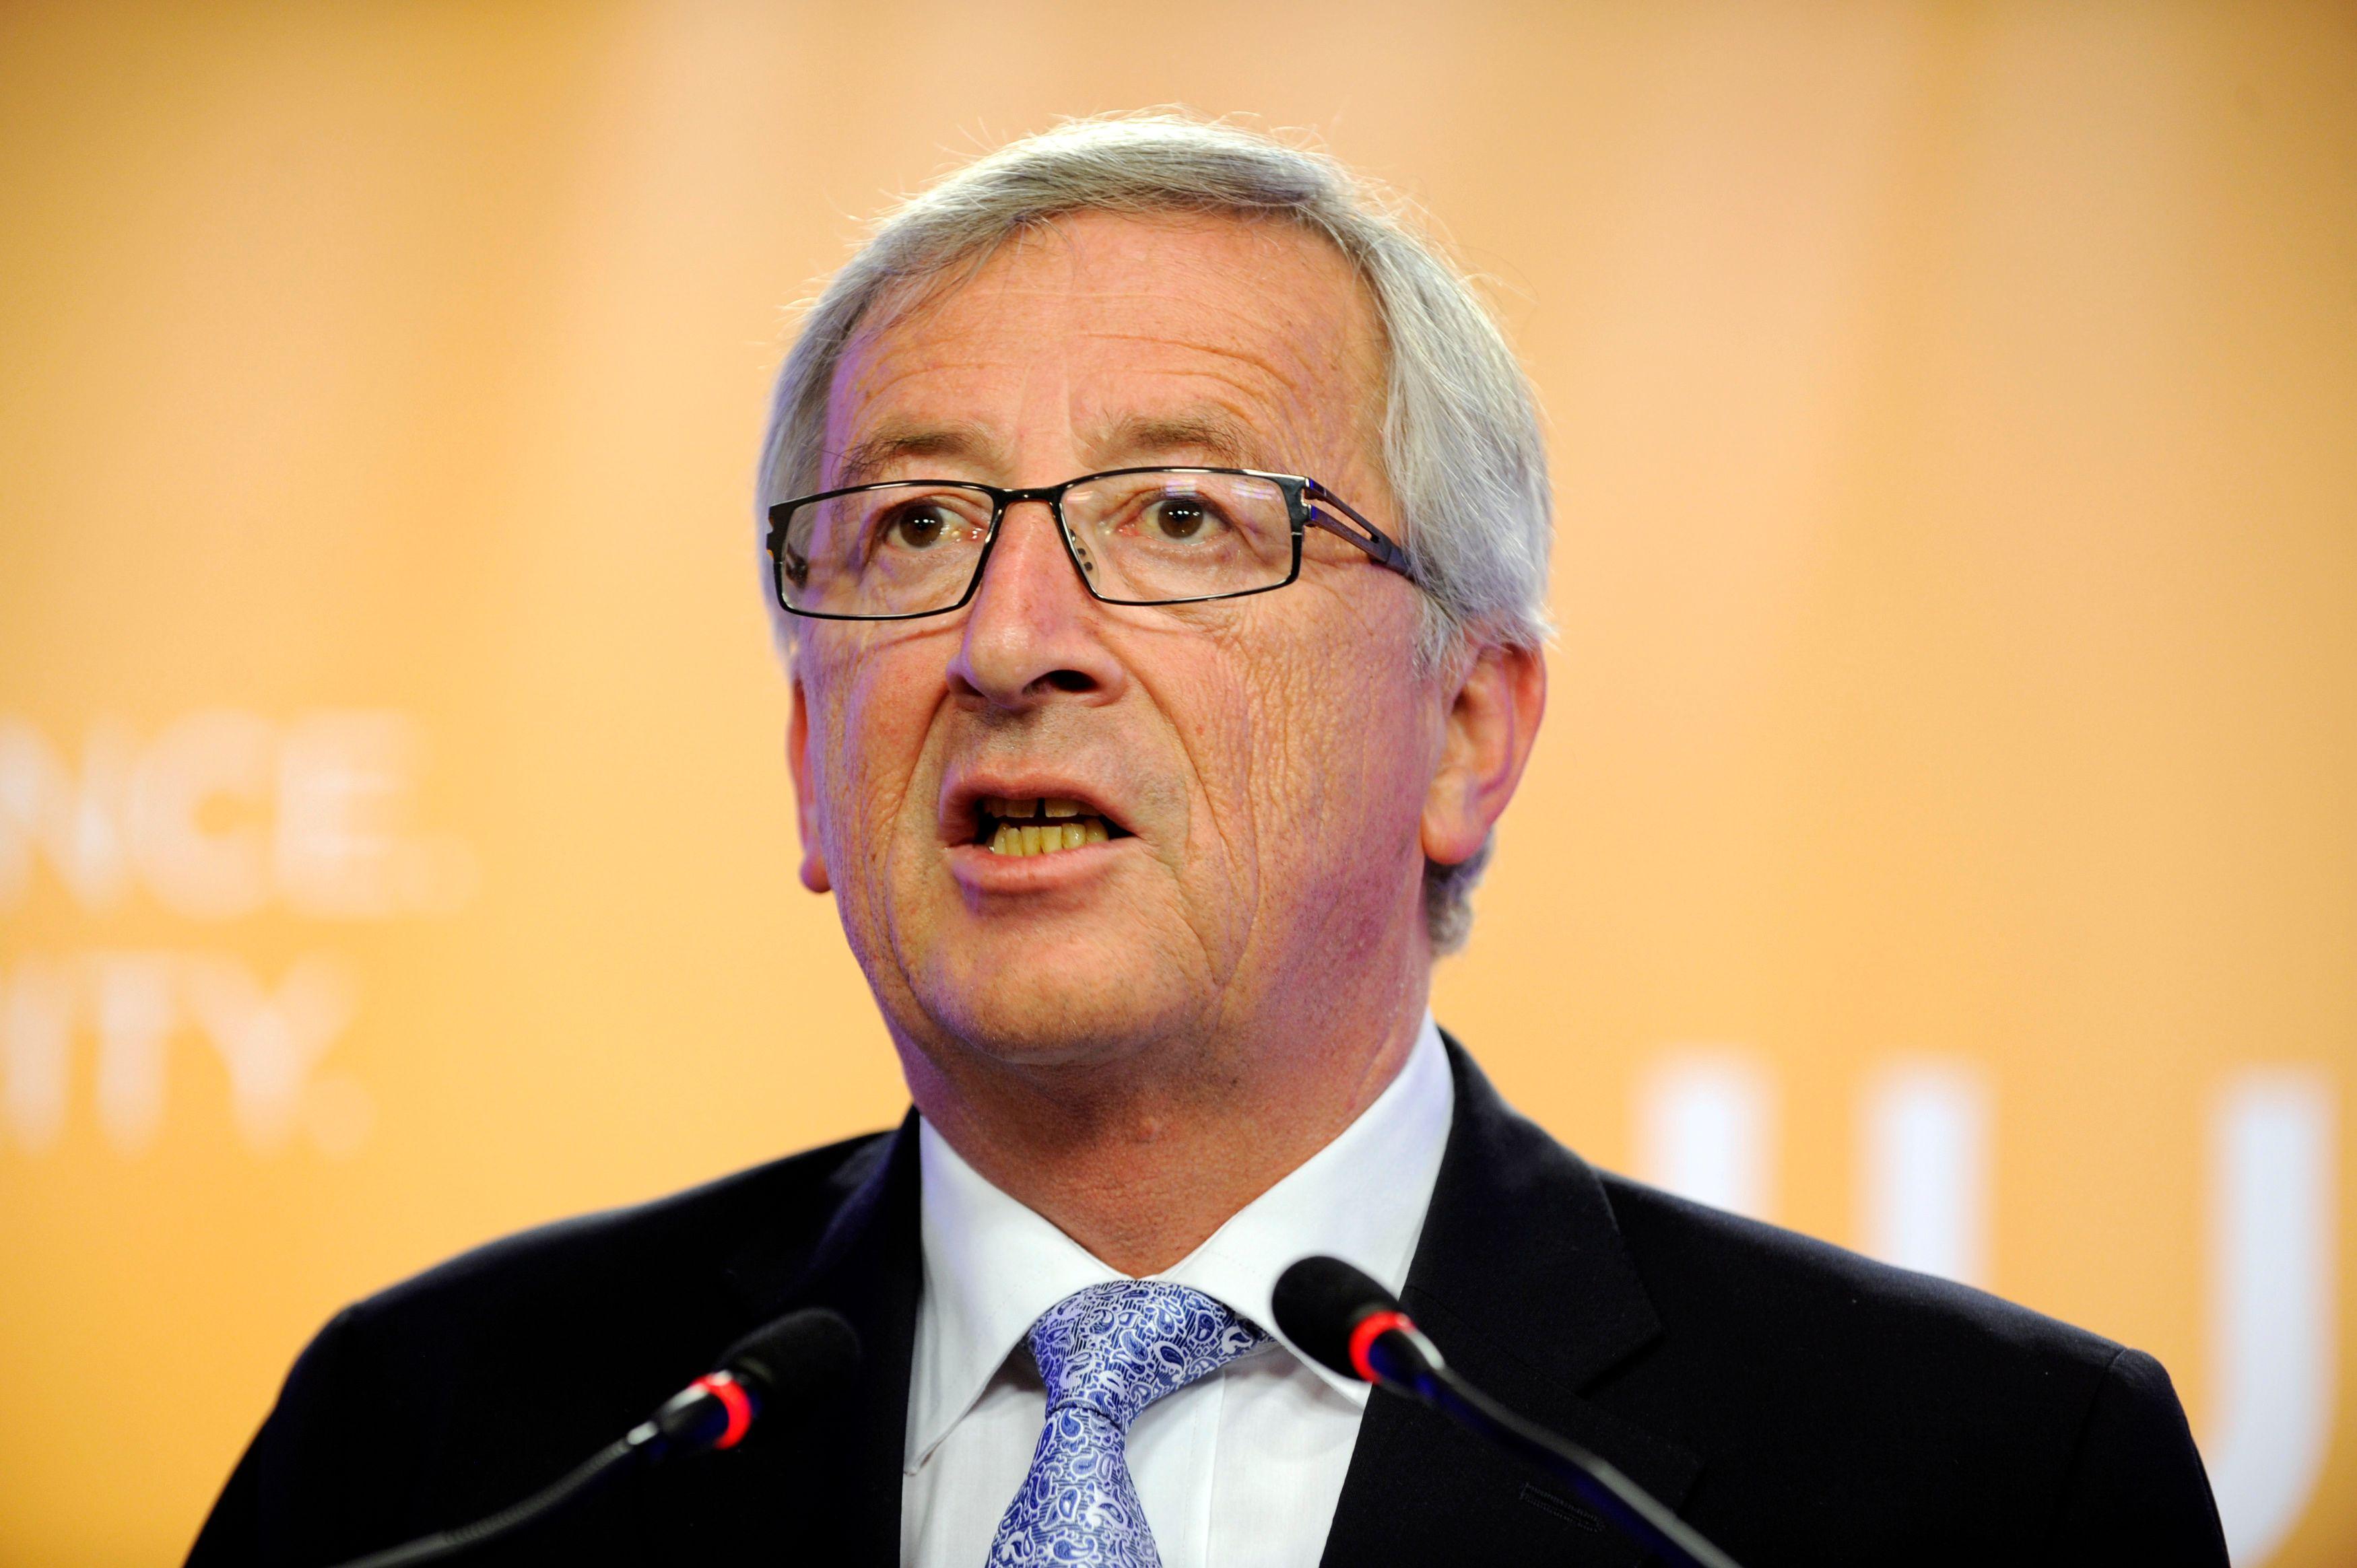 """Pour Jean-Claude Juncker, président de la Commission européenne, """"la monnaie unique protège l'Europe"""""""